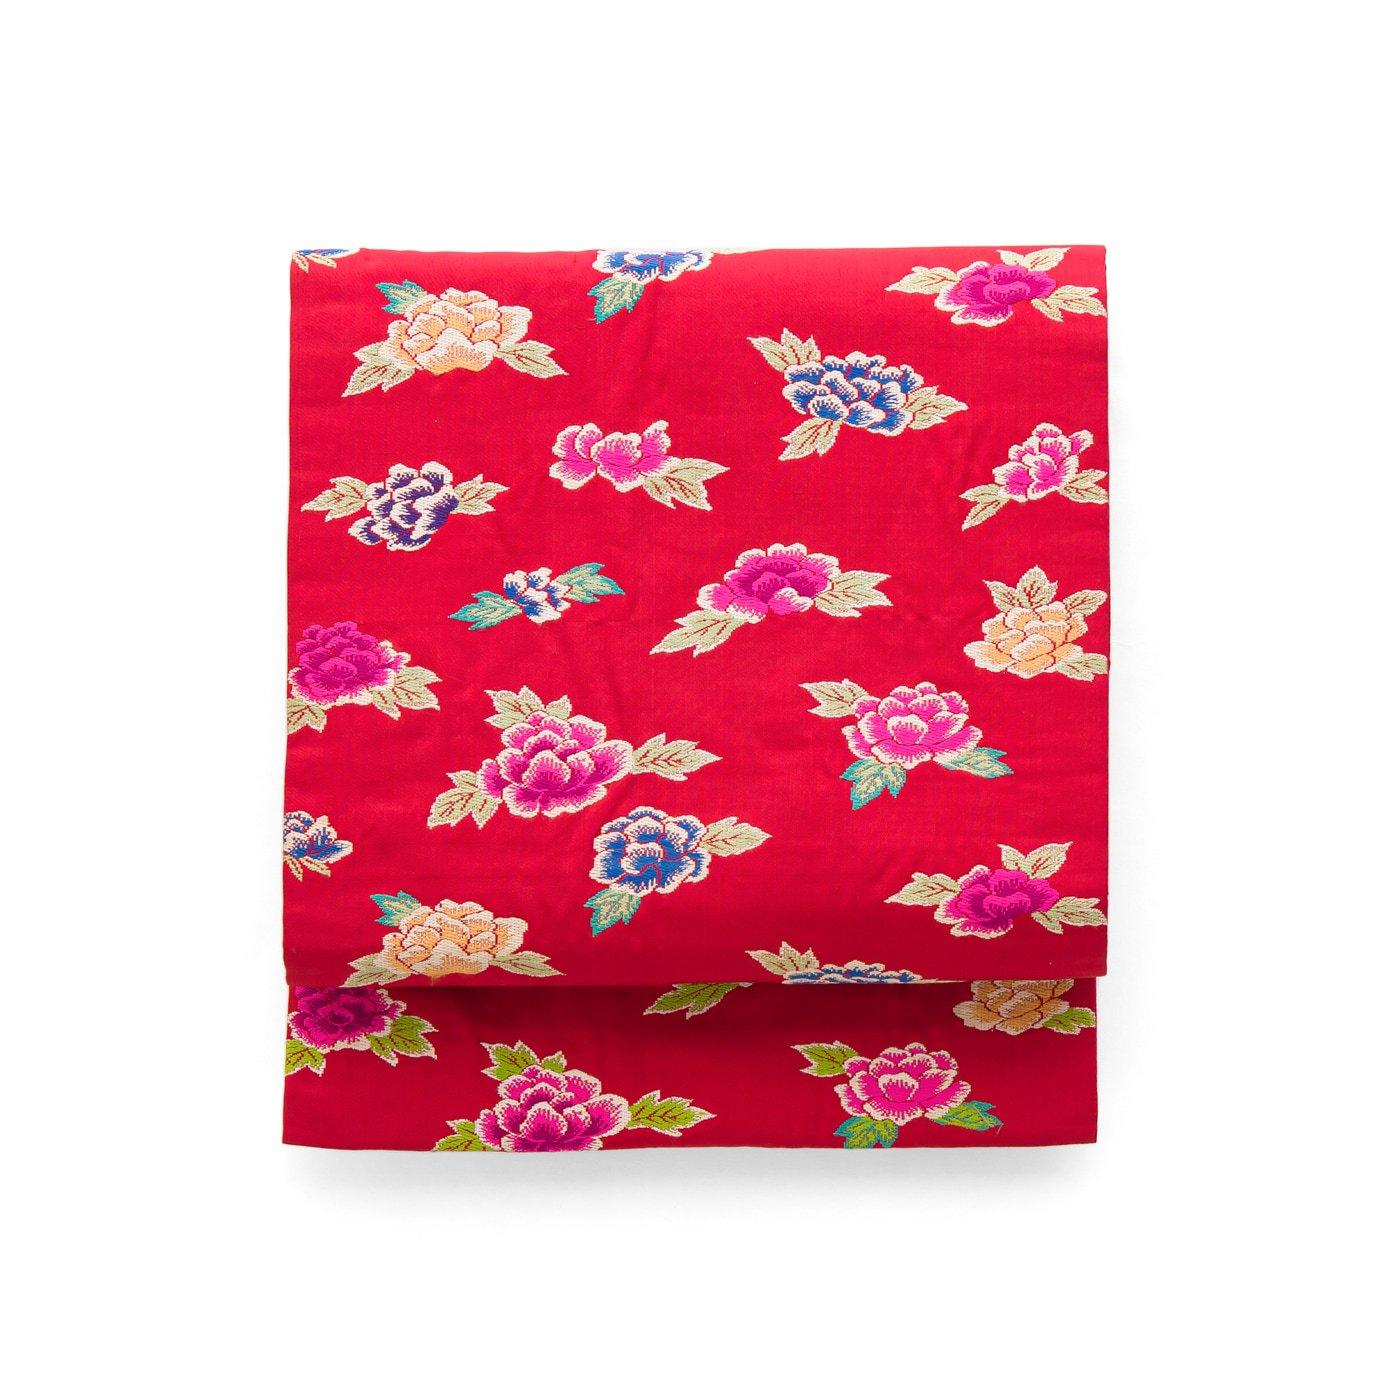 「セミアンティーク着物 赤に牡丹」の商品画像